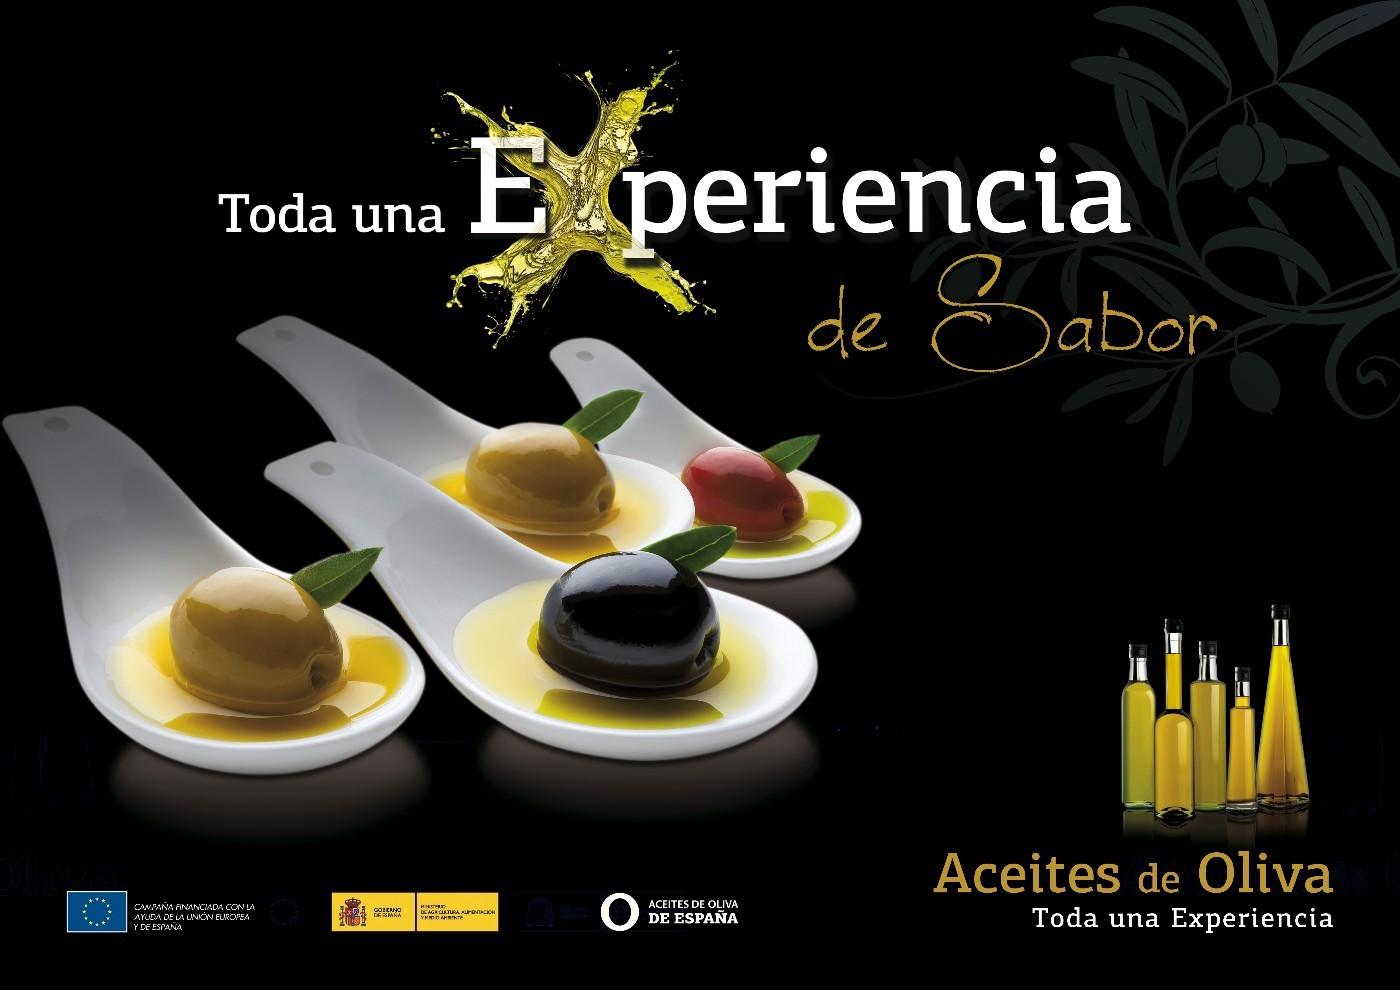 Experiencias Aceites de Oliva de España